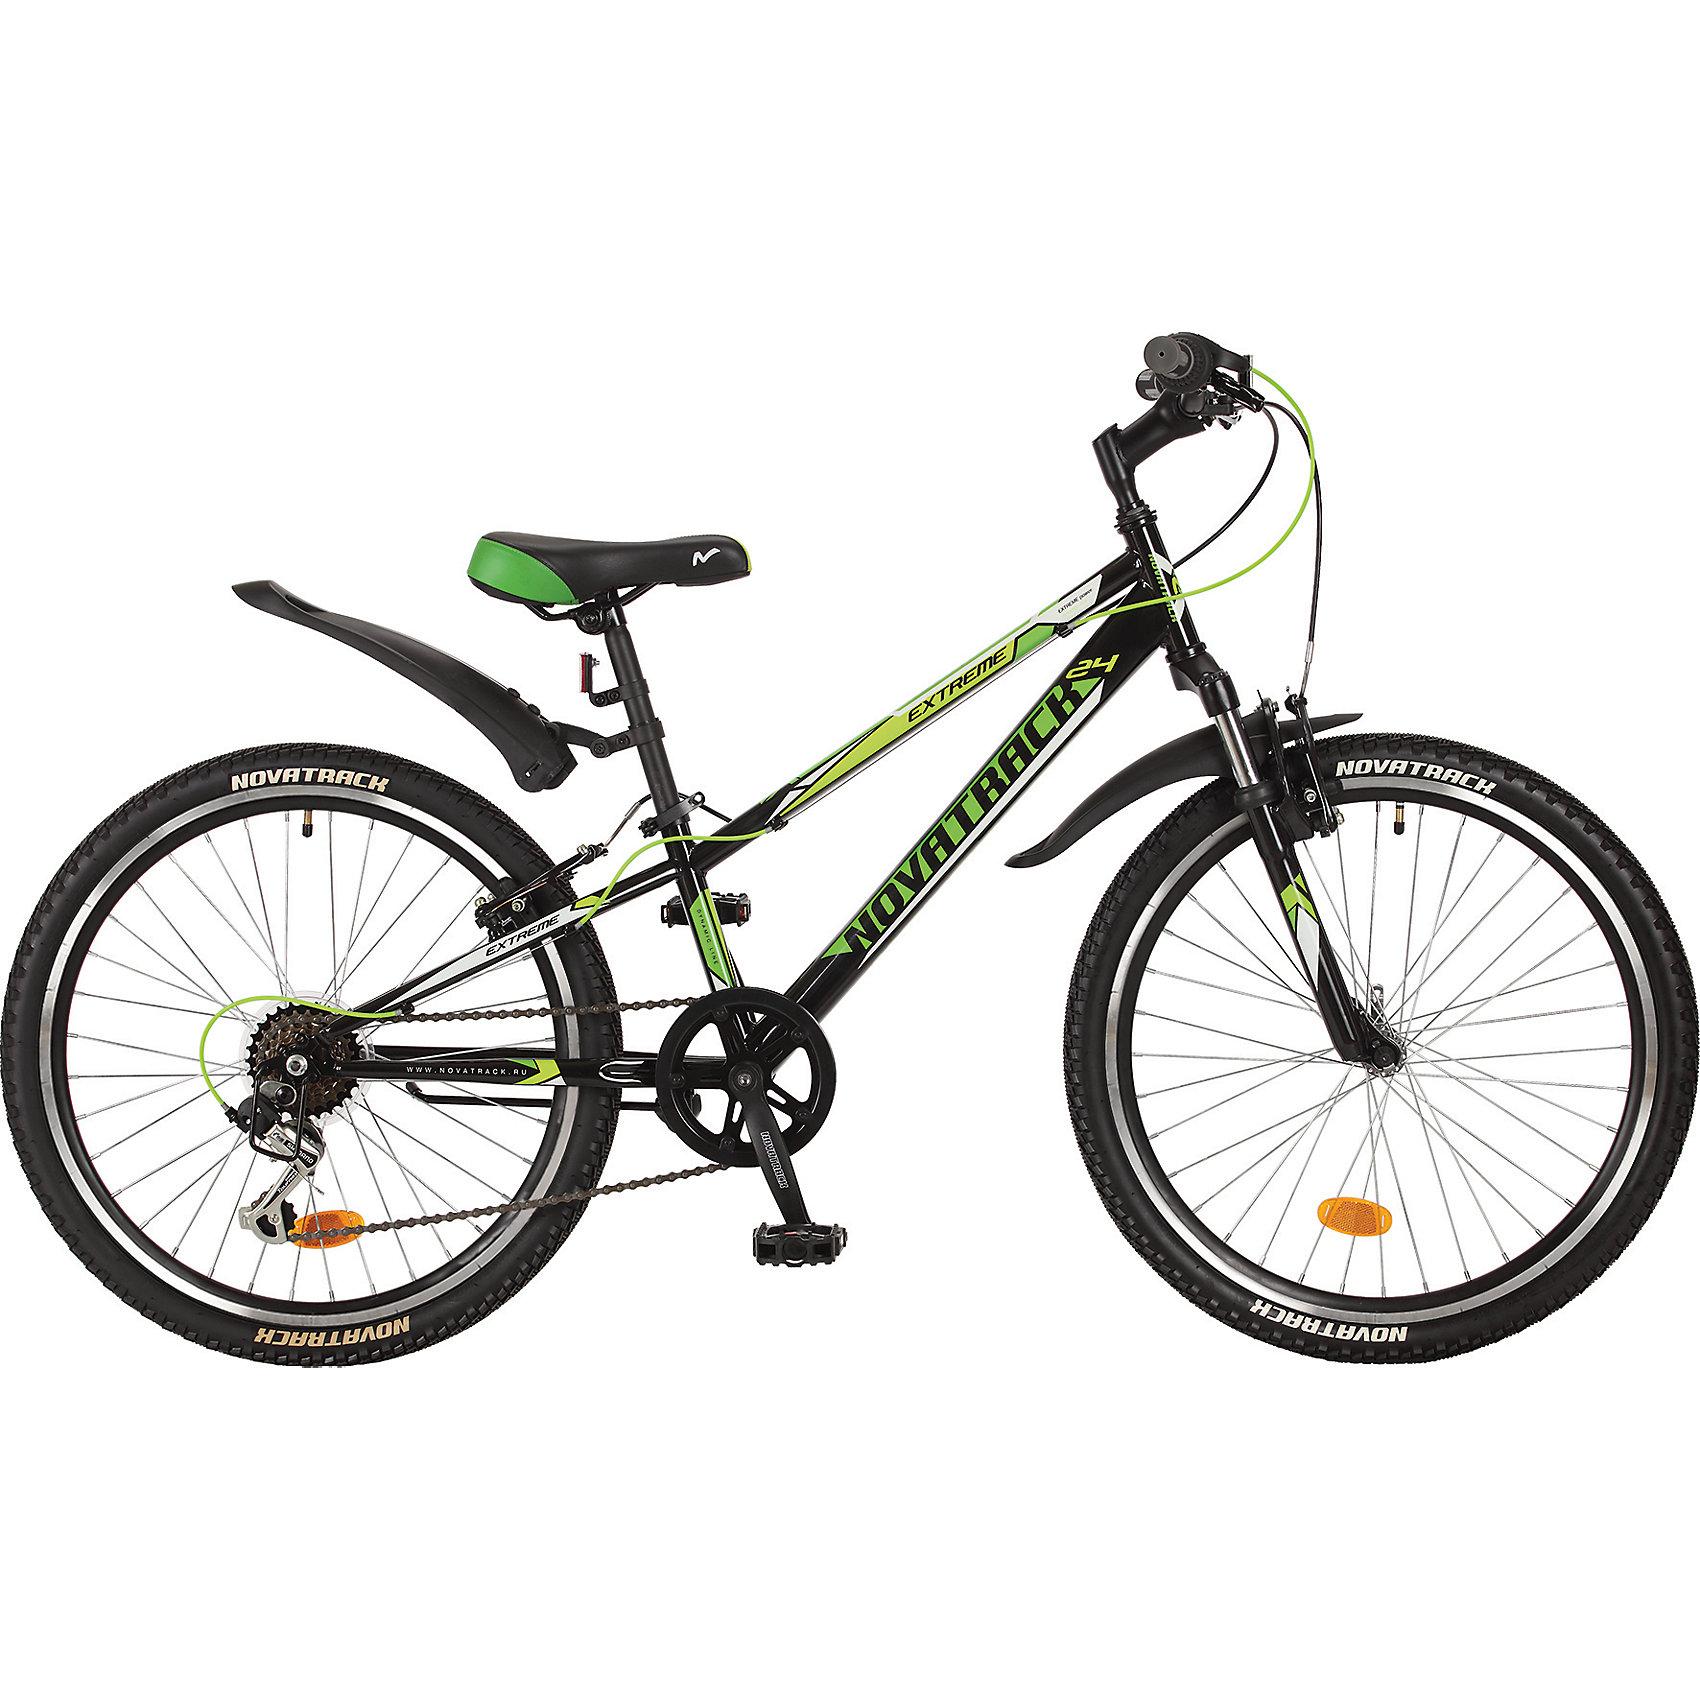 Велосипед EXTREME, чёрный, 24 дюйма, NovatrackВелосипеды детские<br>Novatrack Extreme 20'' – это безопасный и надежный велосипед для мальчиков 7-10 лет, который поможет освоить азы катания на скоростном велосипеде. 20 дюймовые колеса уже отличают эту модель от велосипедов, на которых катаются дошколята. Велосипед оснащен 6-скоростной системой переключения передач, амортизационной вилкой, передним ручным тормозом, регулируемым сидением и рулем, для обеспечения удобной посадки. Велосипед достаточно легкий, поэтому ребенок сможет самостоятельно его транспортировать из дома во двор. Extreme 20'' предназначен для активной езды и готов к любым испытаниям на детской площадке, в парке и других местах, пригодных для катания.<br><br>Ширина мм: 1250<br>Глубина мм: 200<br>Высота мм: 640<br>Вес г: 19000<br>Возраст от месяцев: 108<br>Возраст до месяцев: 168<br>Пол: Унисекс<br>Возраст: Детский<br>SKU: 5613227